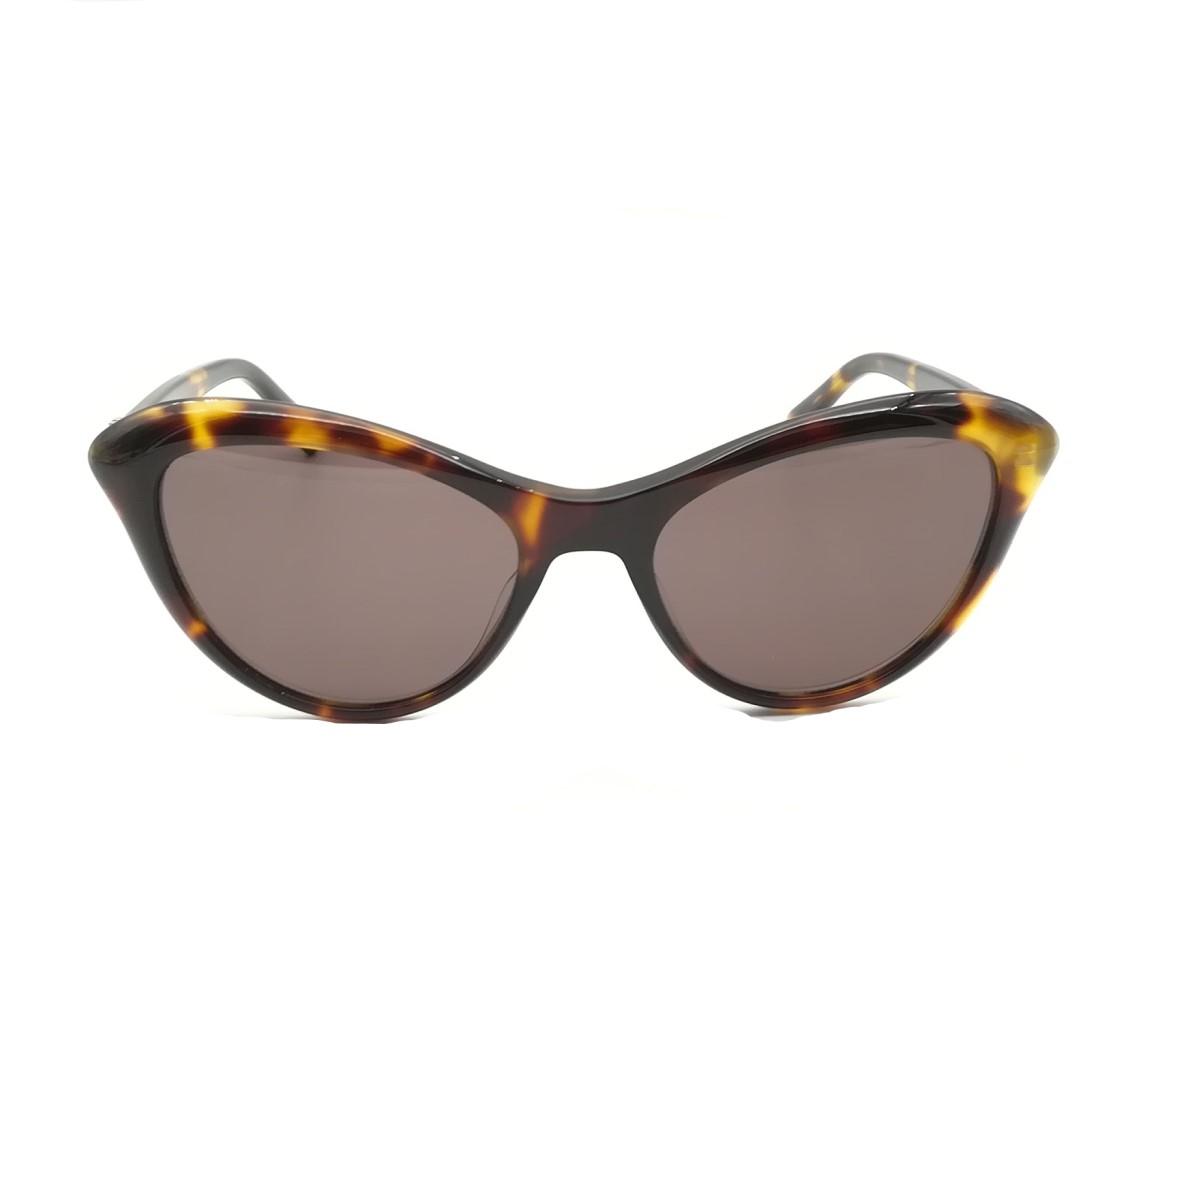 miglior servizio 72fab 203b8 Love Moschino occhiale da sole donna 015 col.08670